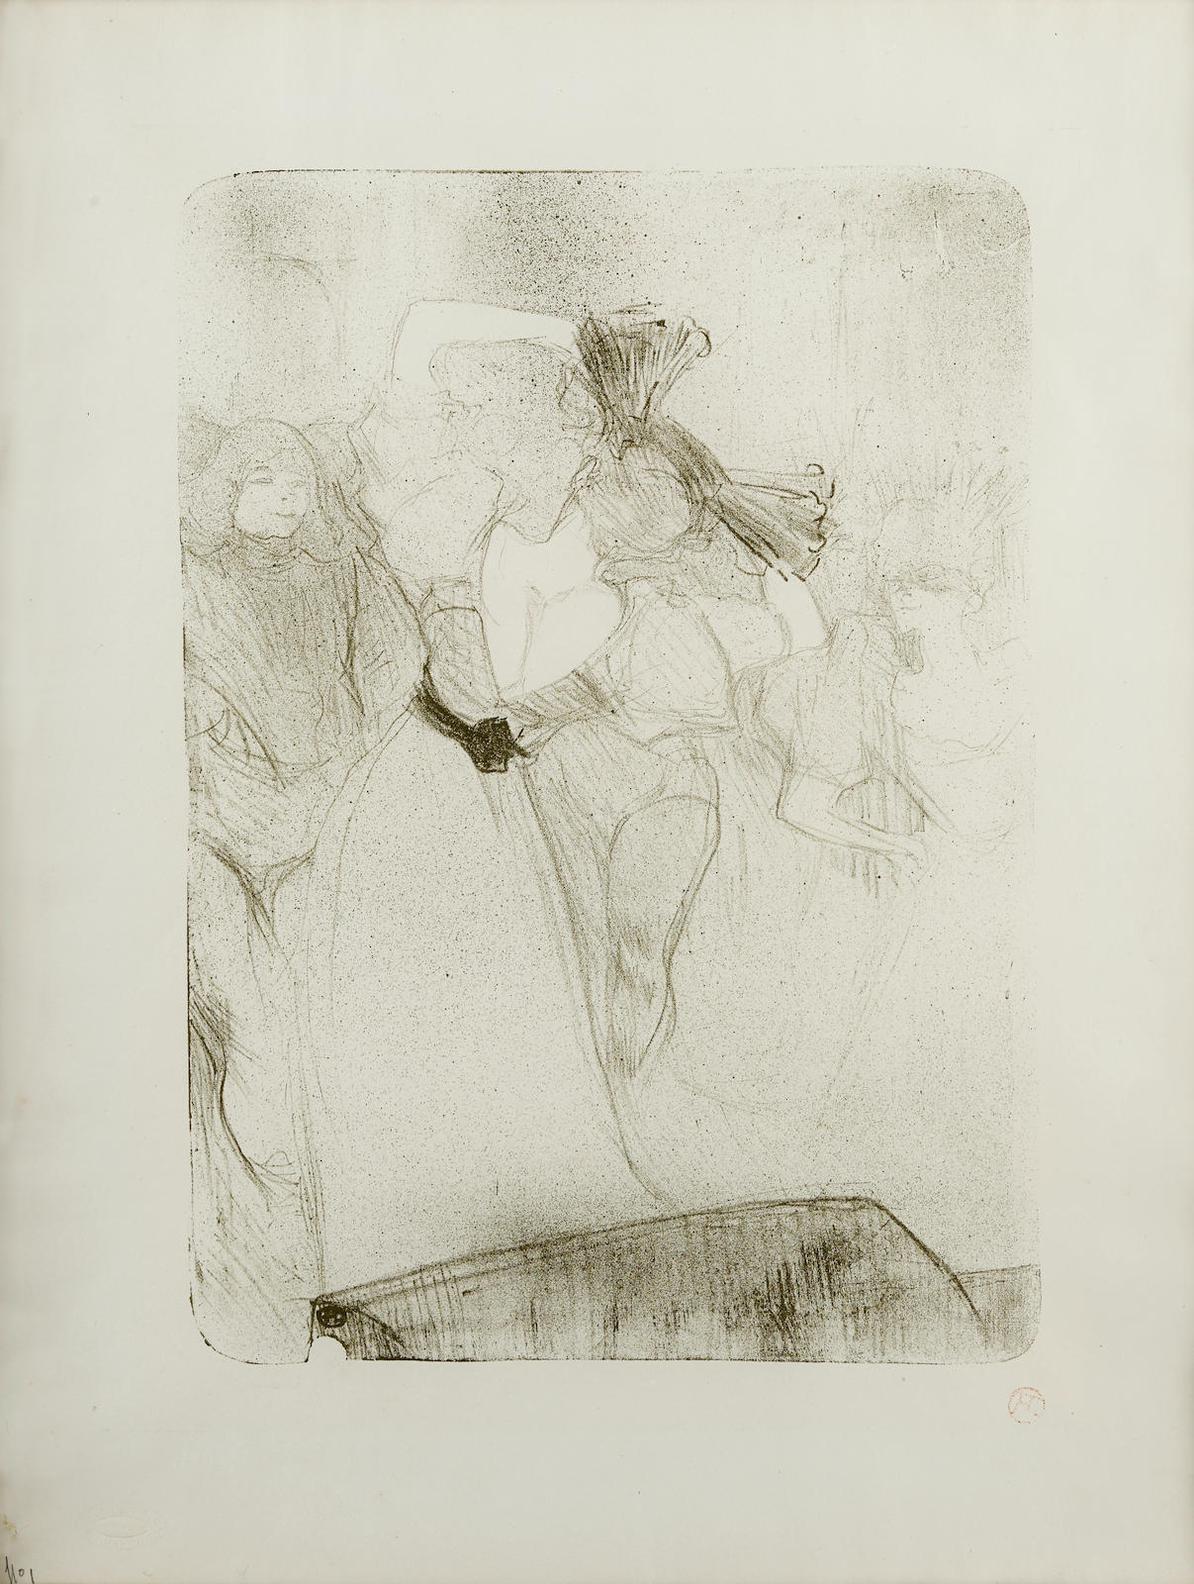 Henri de Toulouse-Lautrec-Lender De Dos, Dansant Le Bolero, Dans Chilperic-1895